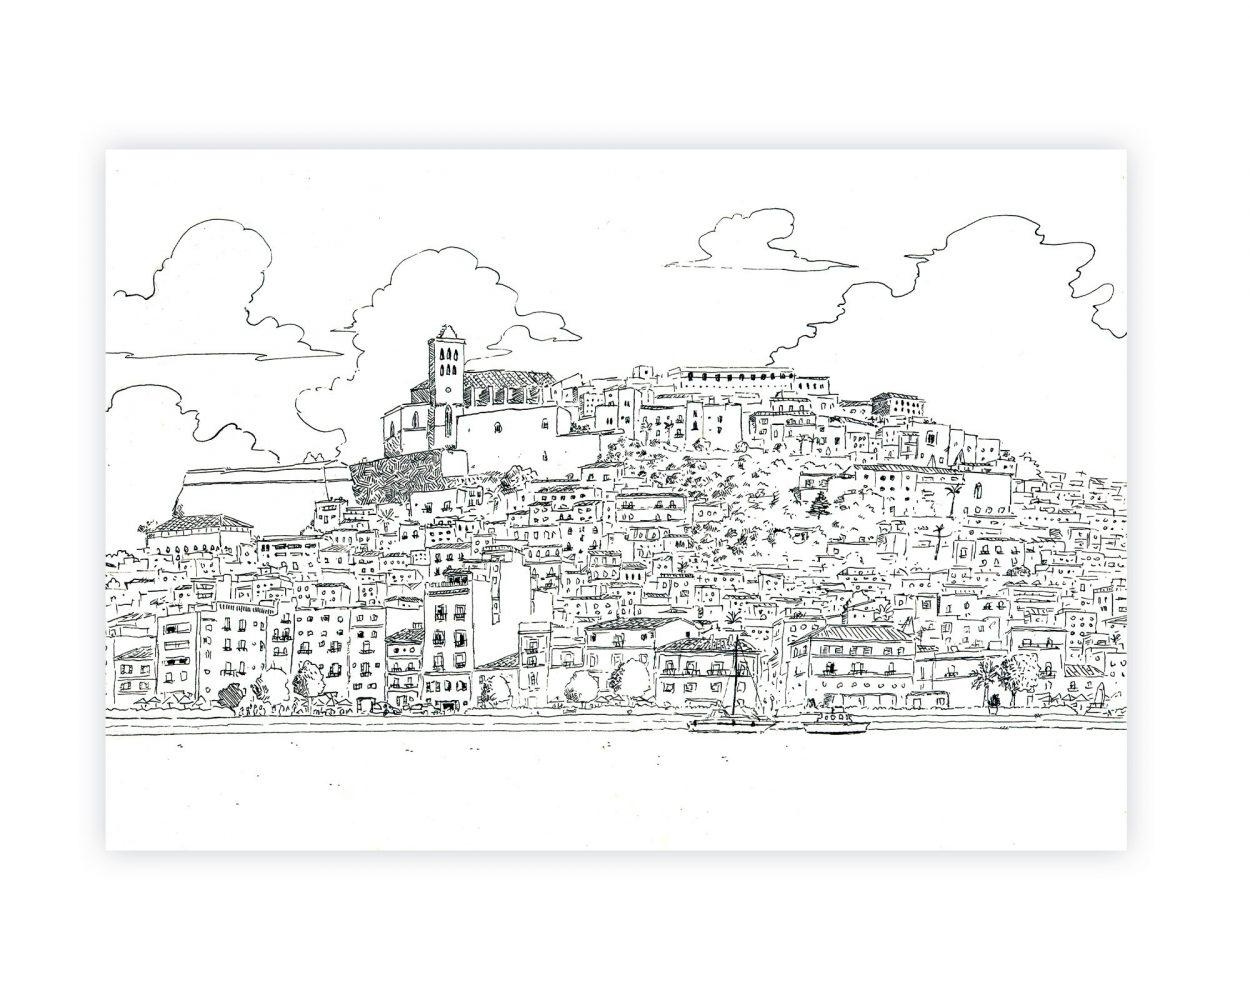 Dibujo en tinta sobre papel del complejo arquitectónico de Dalt Vila en la isla de Ibiza. Islas Baleares, España. Mediterréneo. Paisaje urban sketchers